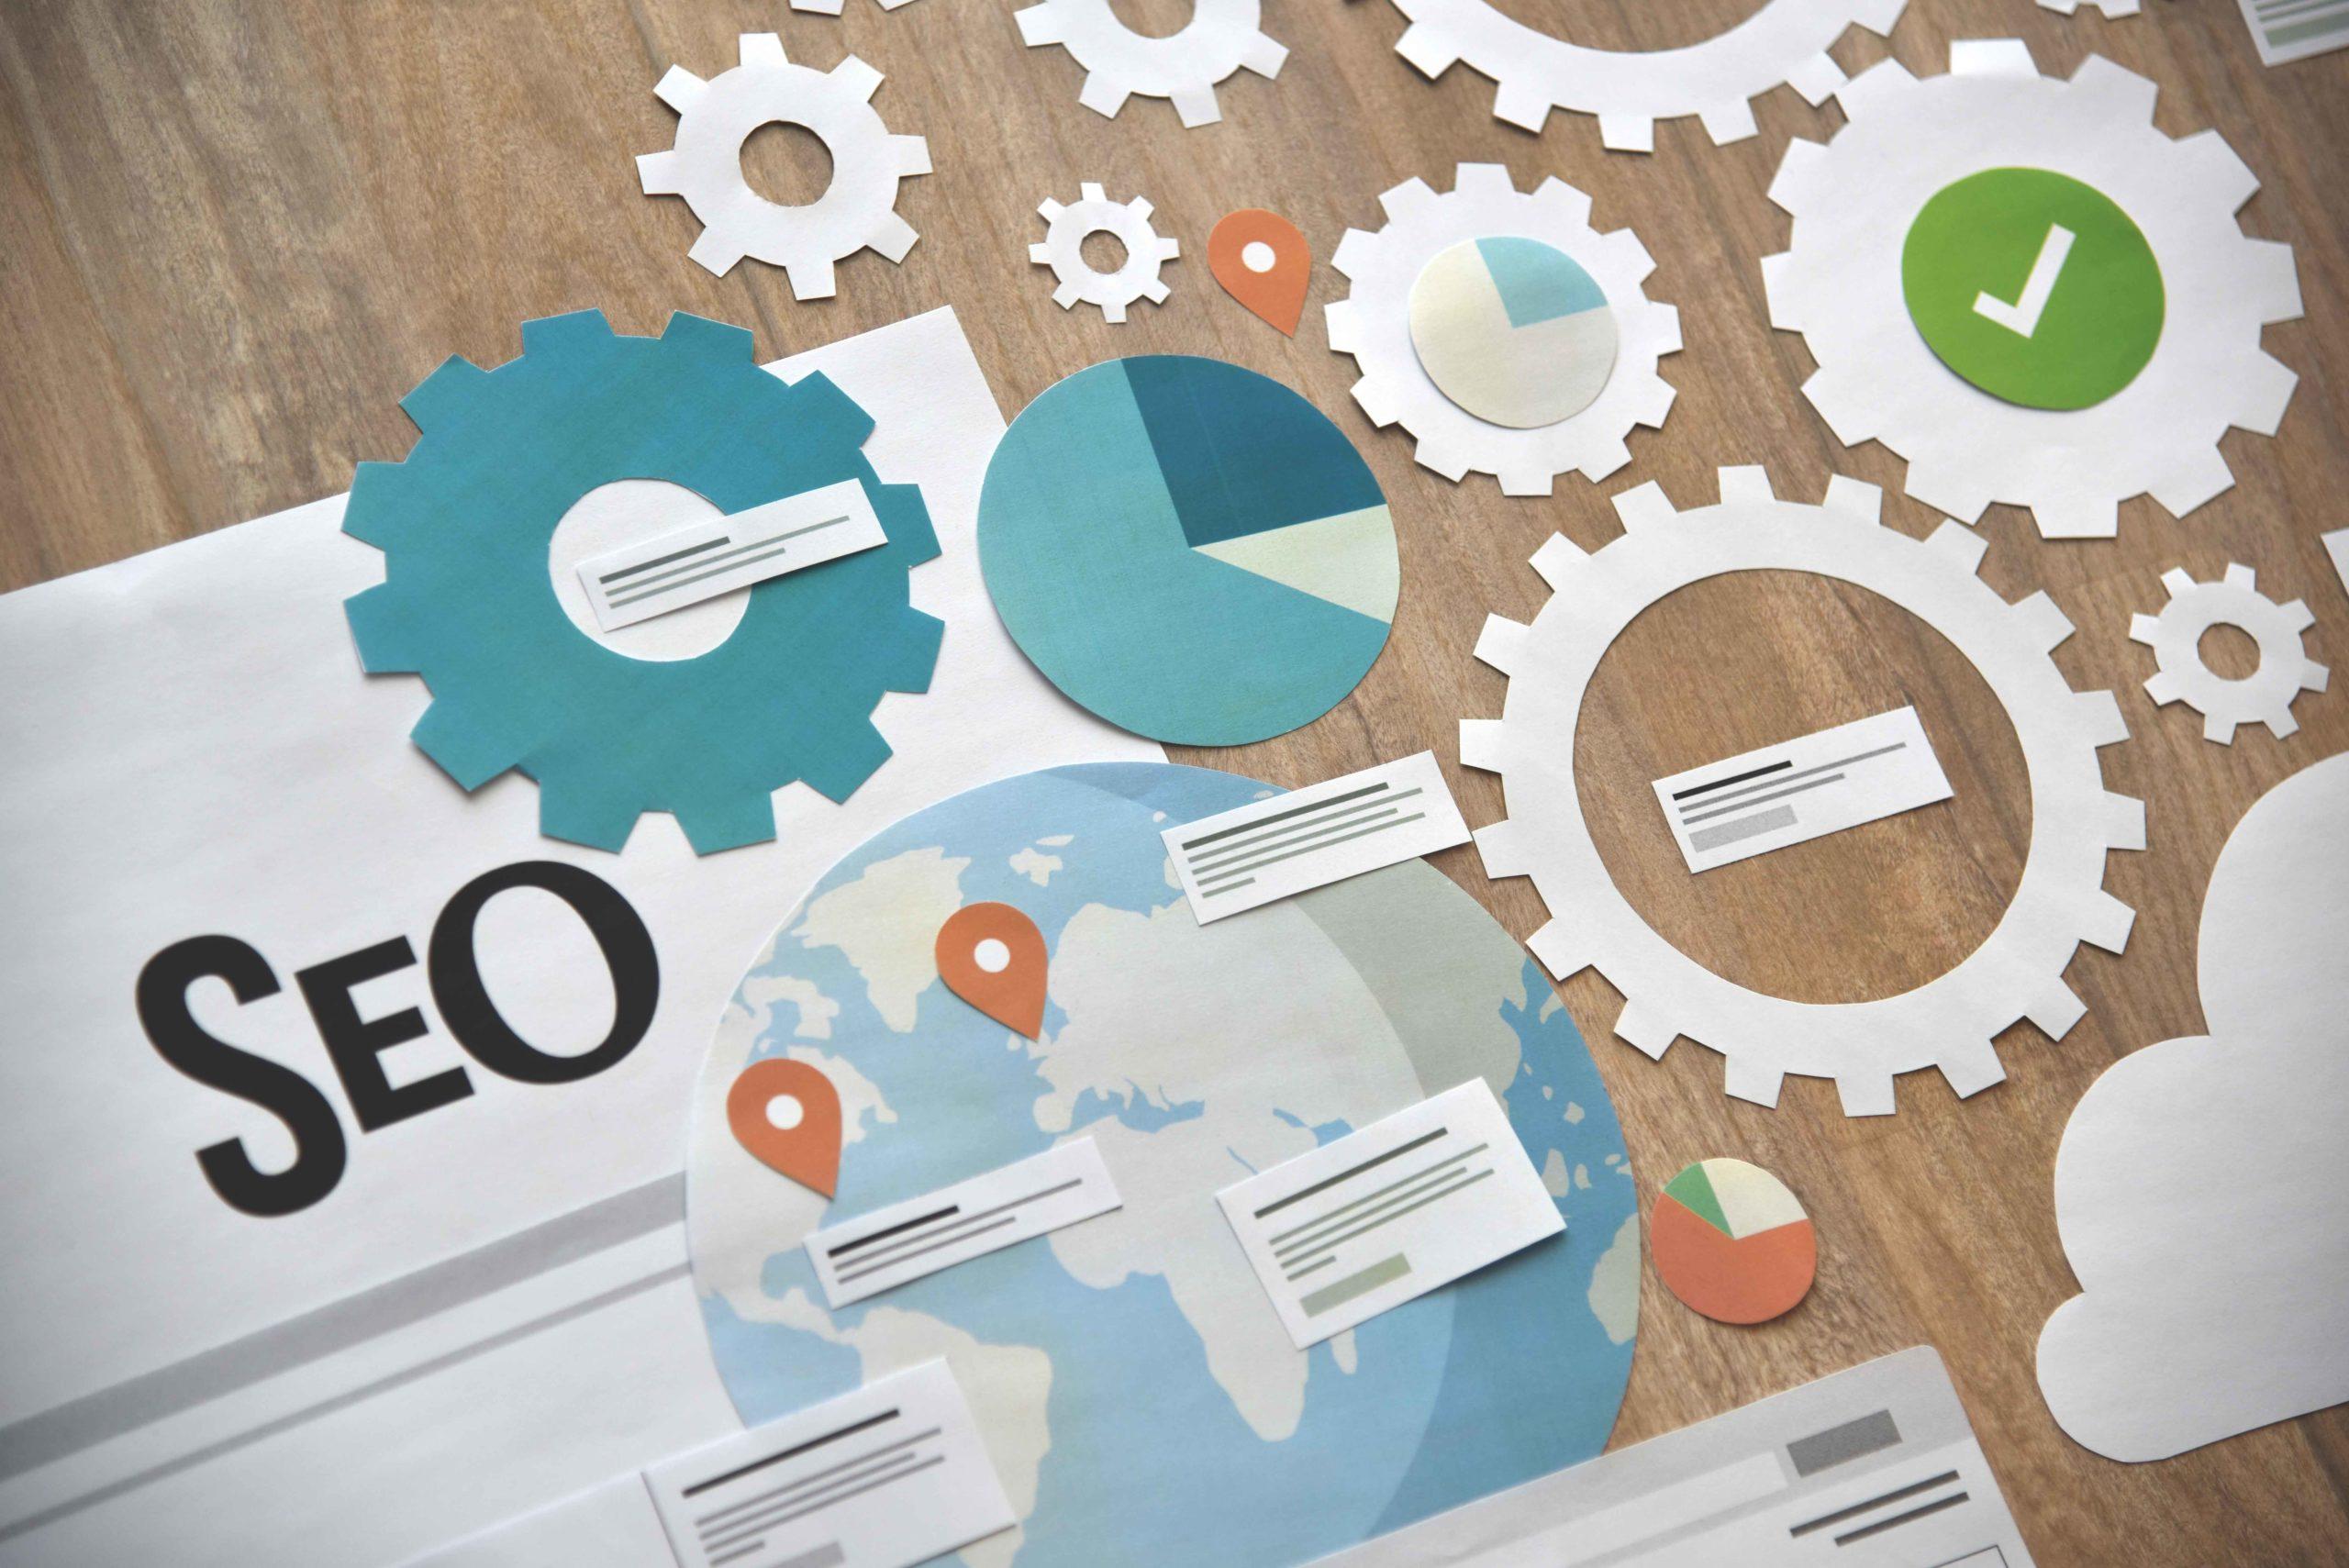 web-optimization-concept-design-PT2HPH5